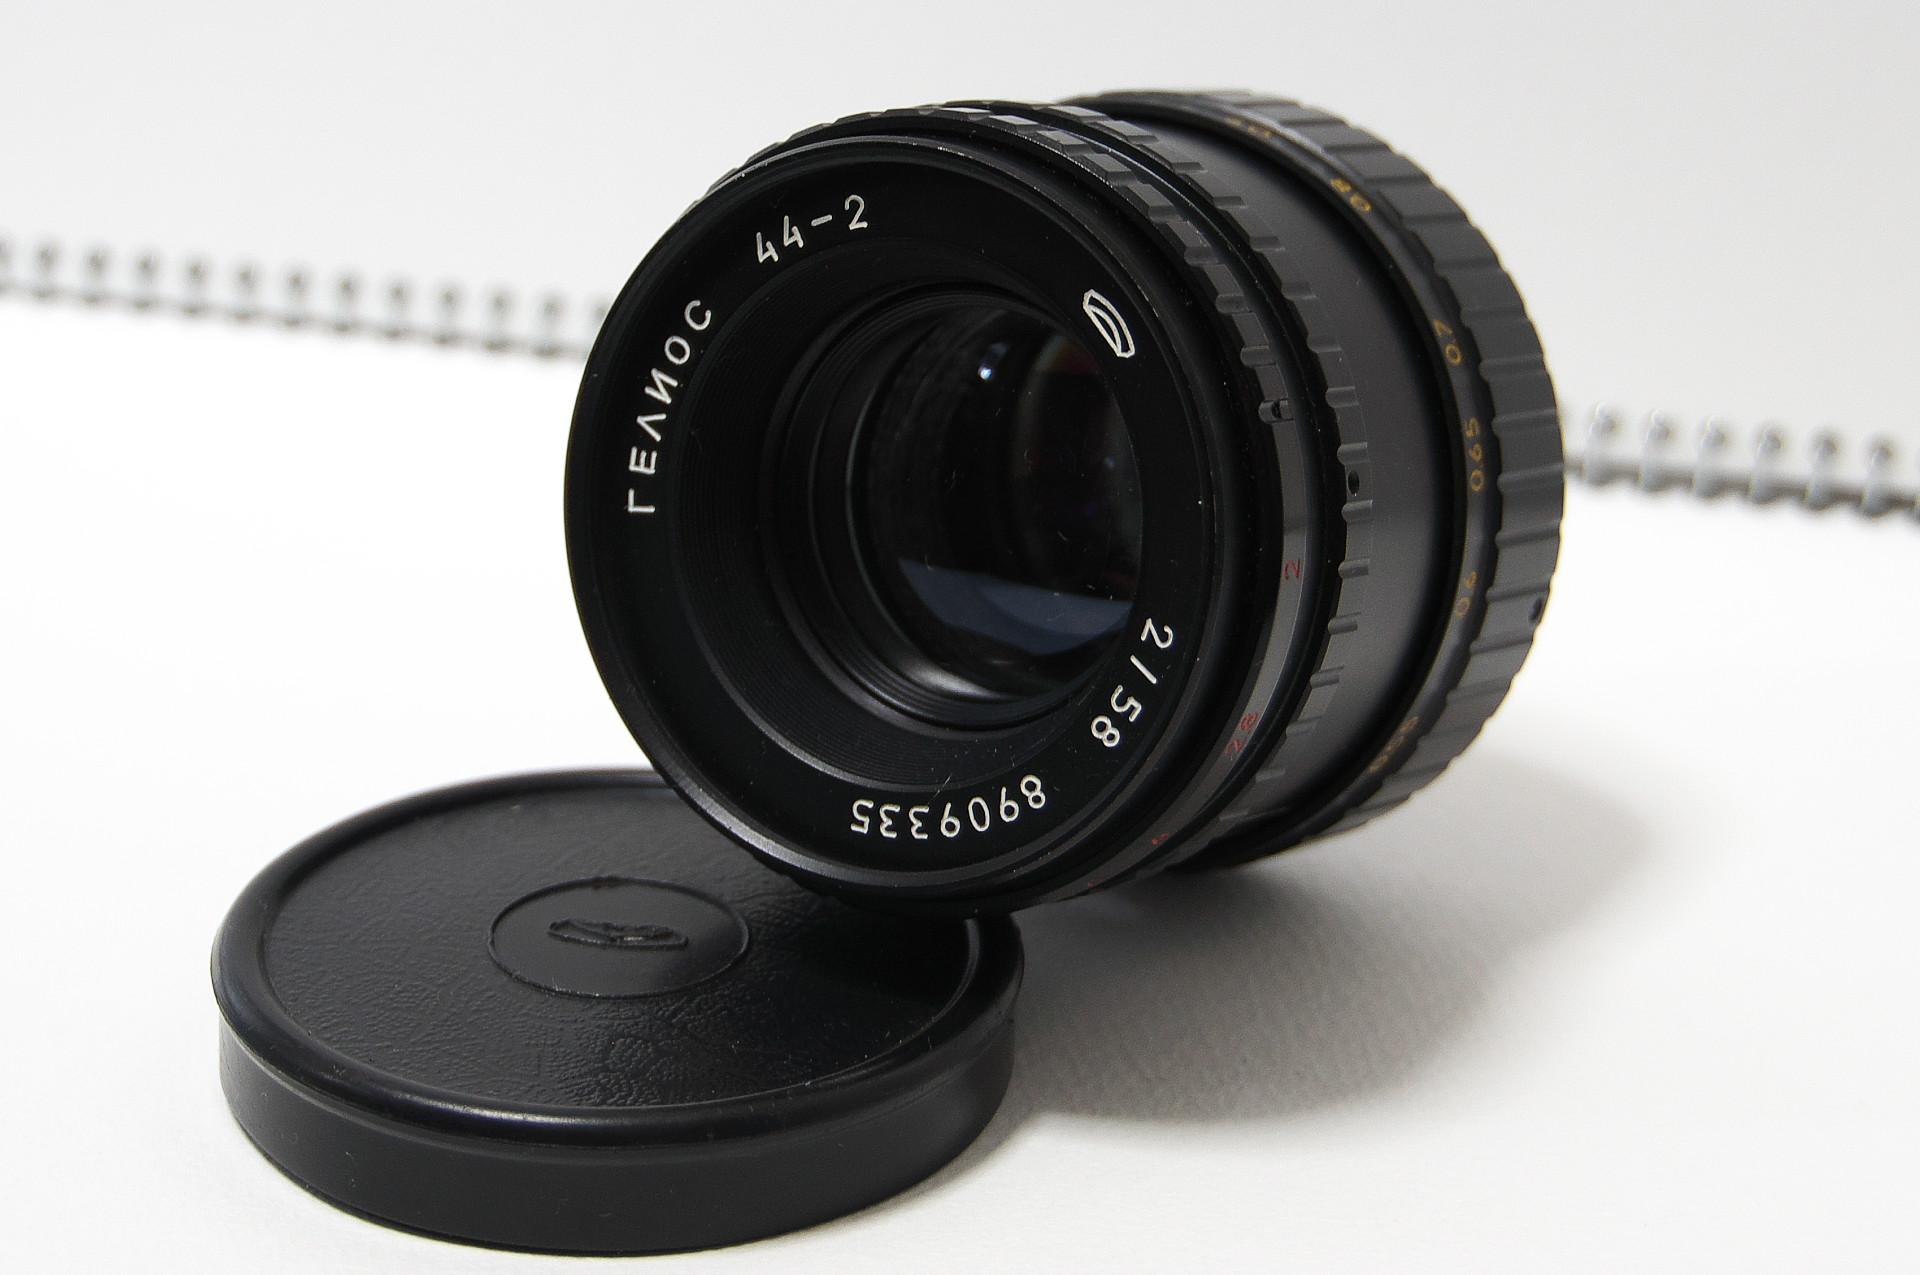 オールドレンズを使ってみよう ロシア製レンズ helios 44 2 58mm f2 0